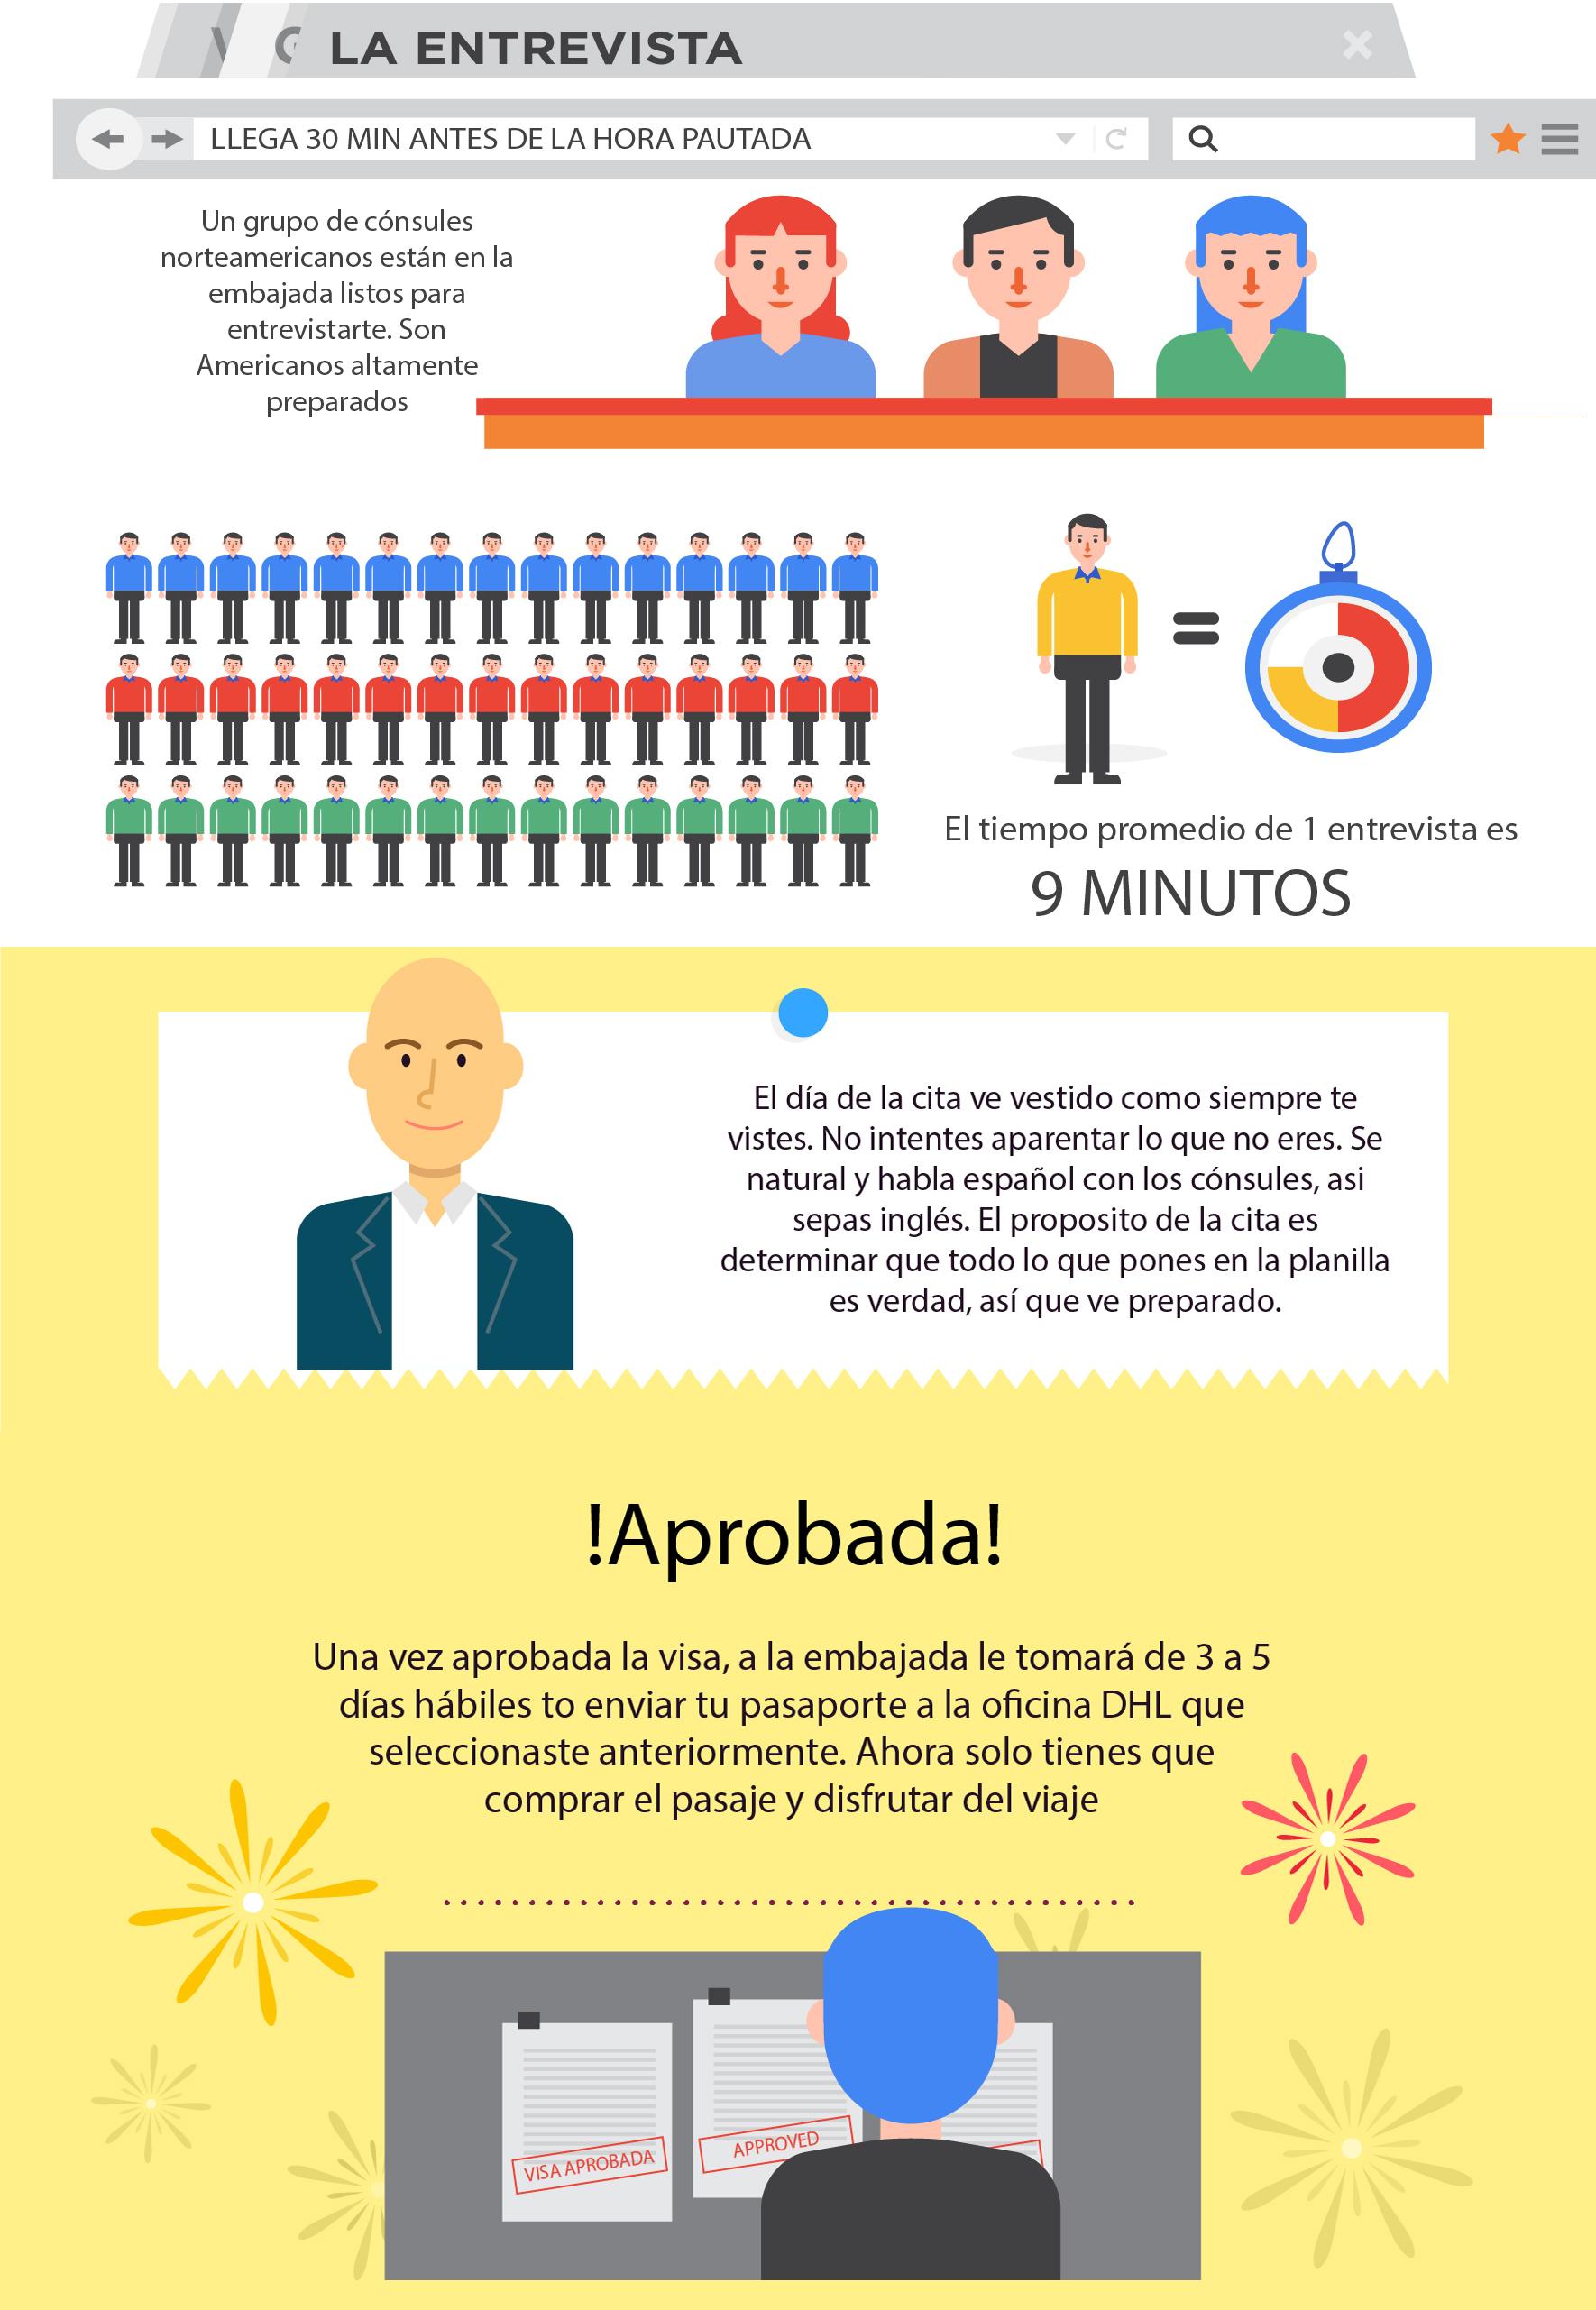 Como realizar la cita para la visa en la Embajada de Estados Unidos en Venezuela (11)